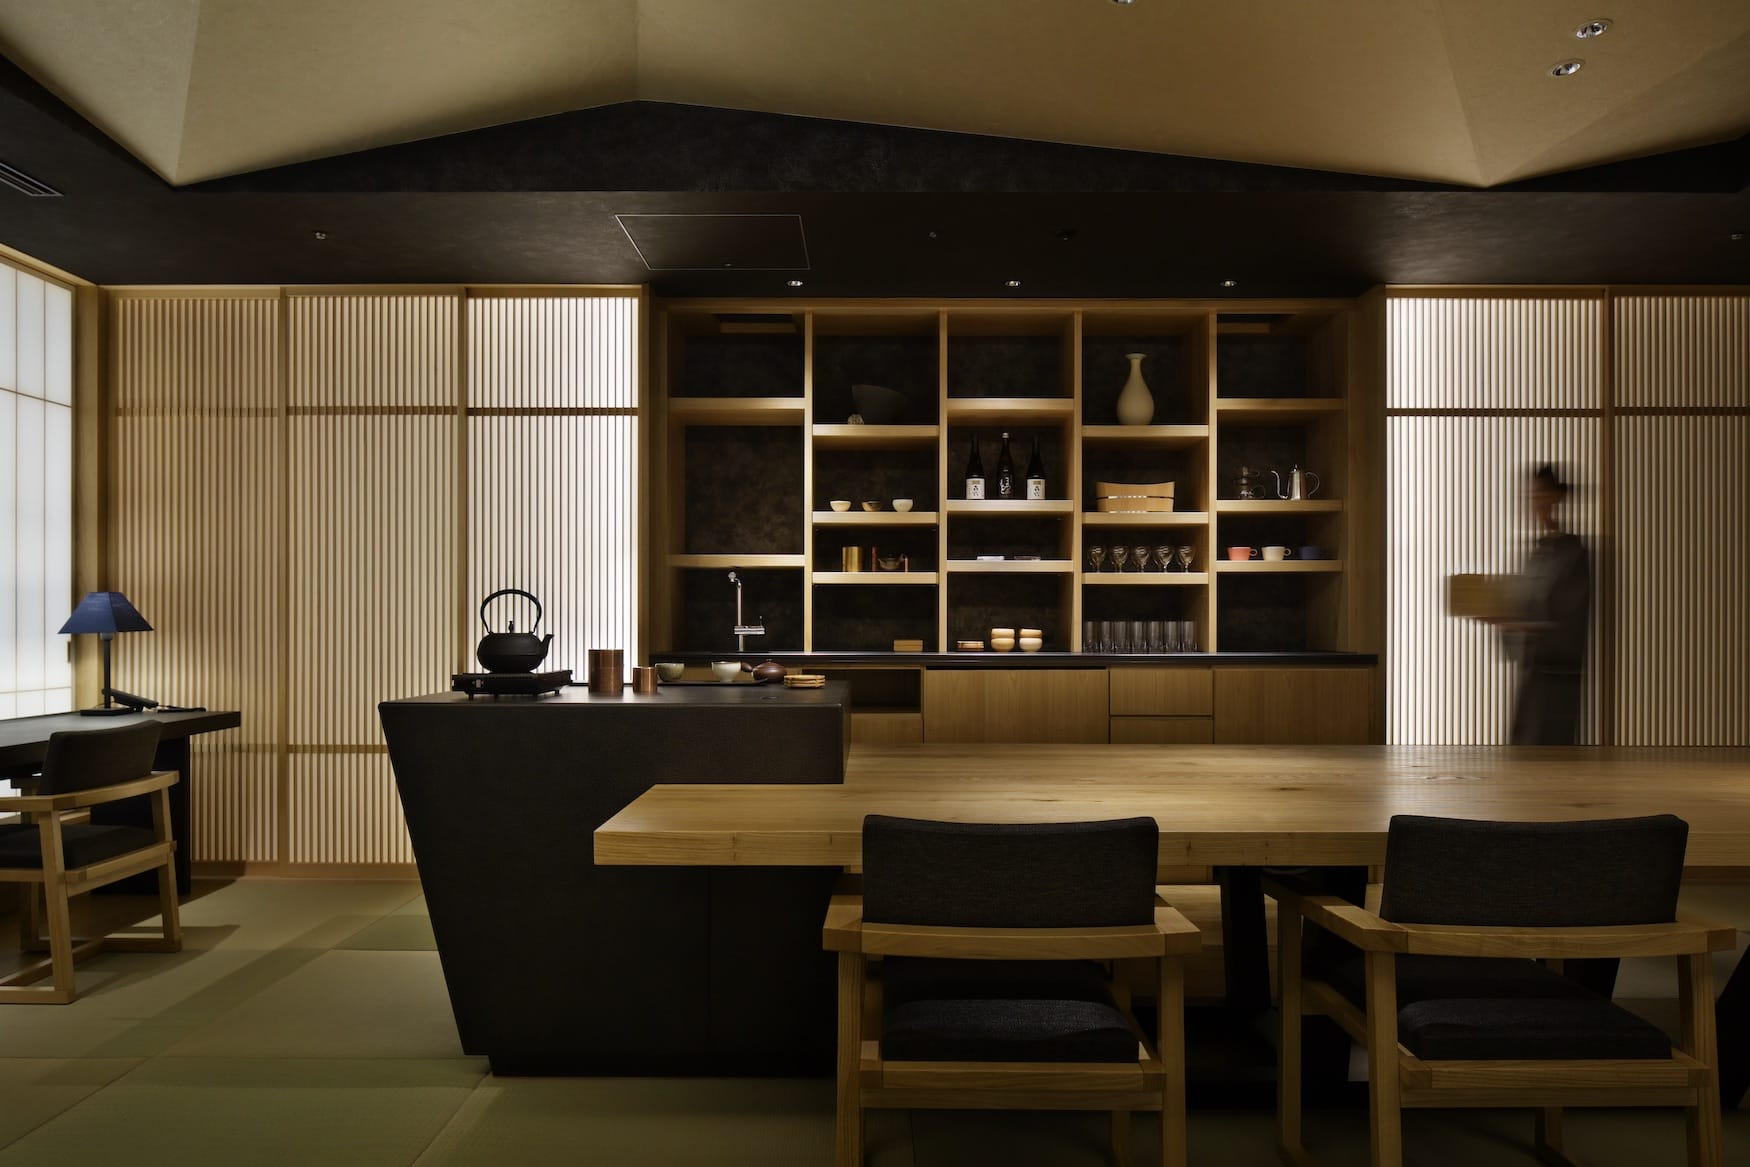 Minimalistisches Interior im Hoshinoya in Tokio, einem tollen Architekturhotel